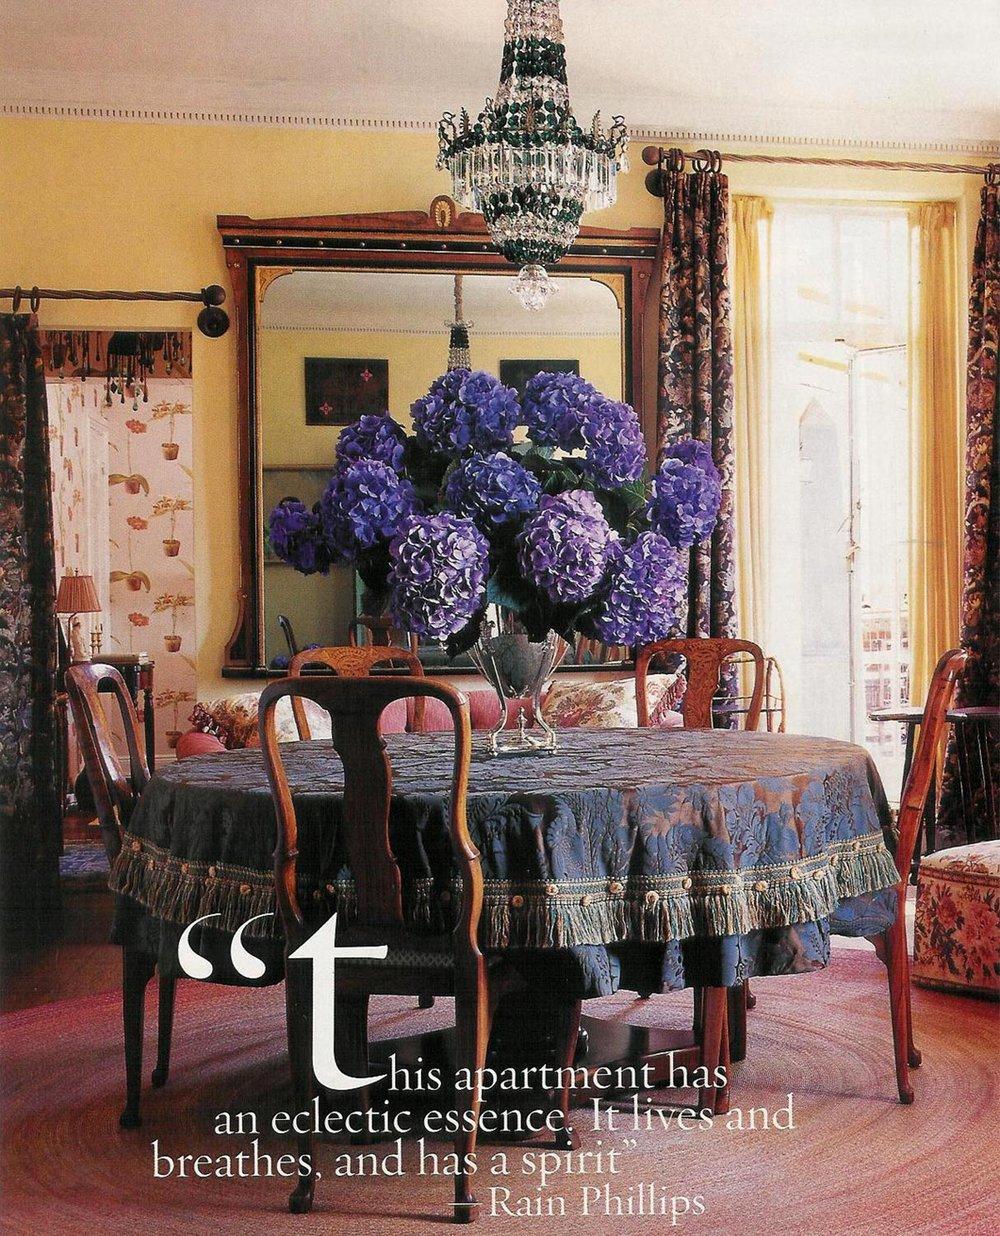 houseandgarden2002-p2_alemanmoore.jpg